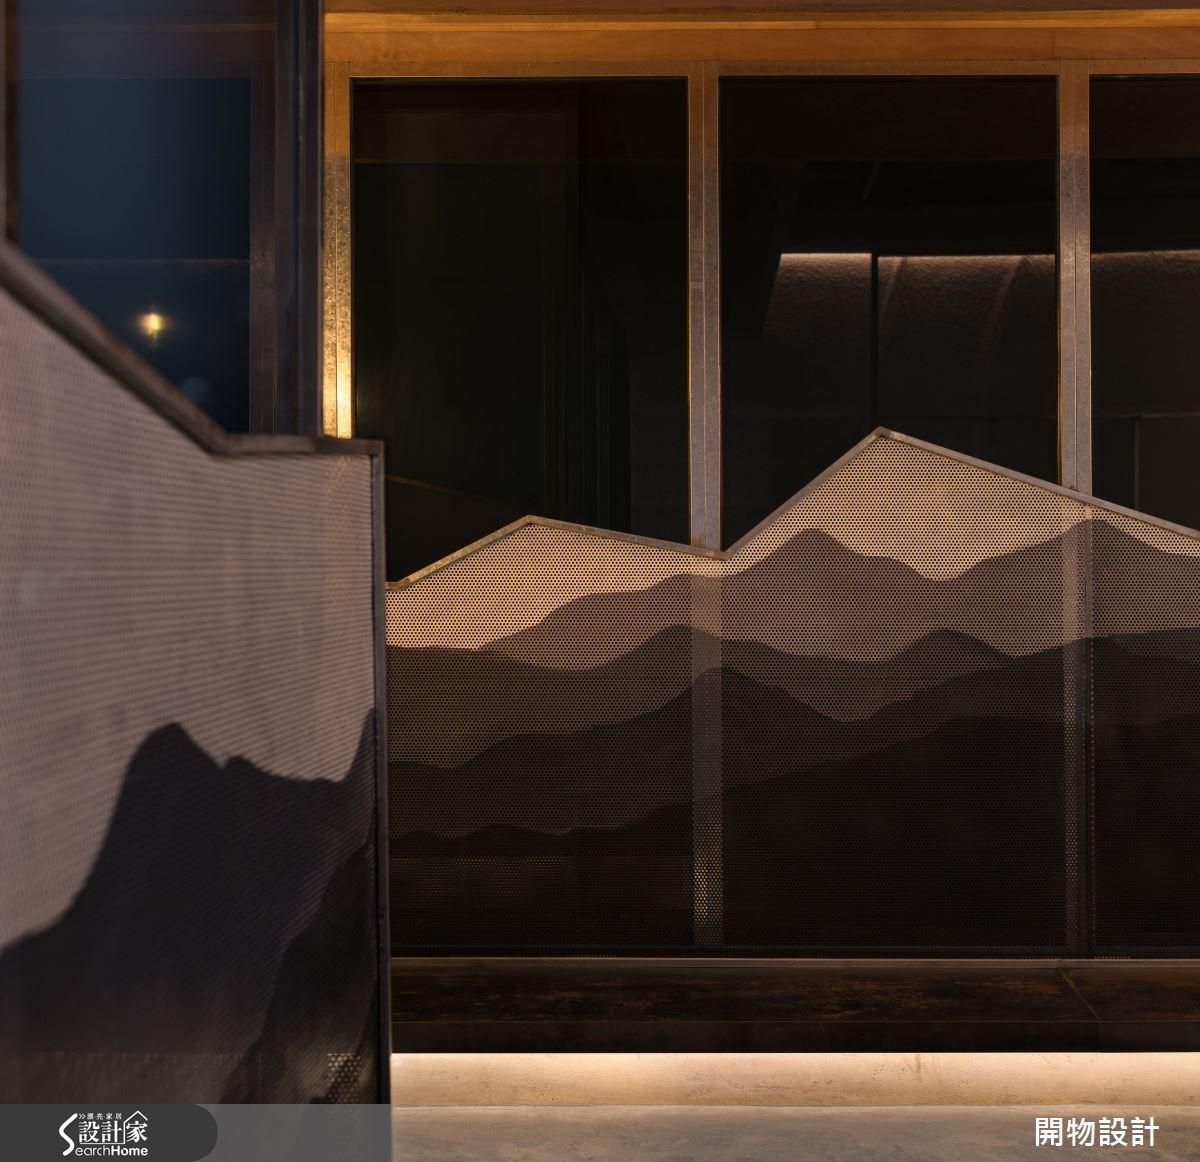 90坪新成屋(5年以下)_新中式風商業空間案例圖片_開物設計_開物_23之22